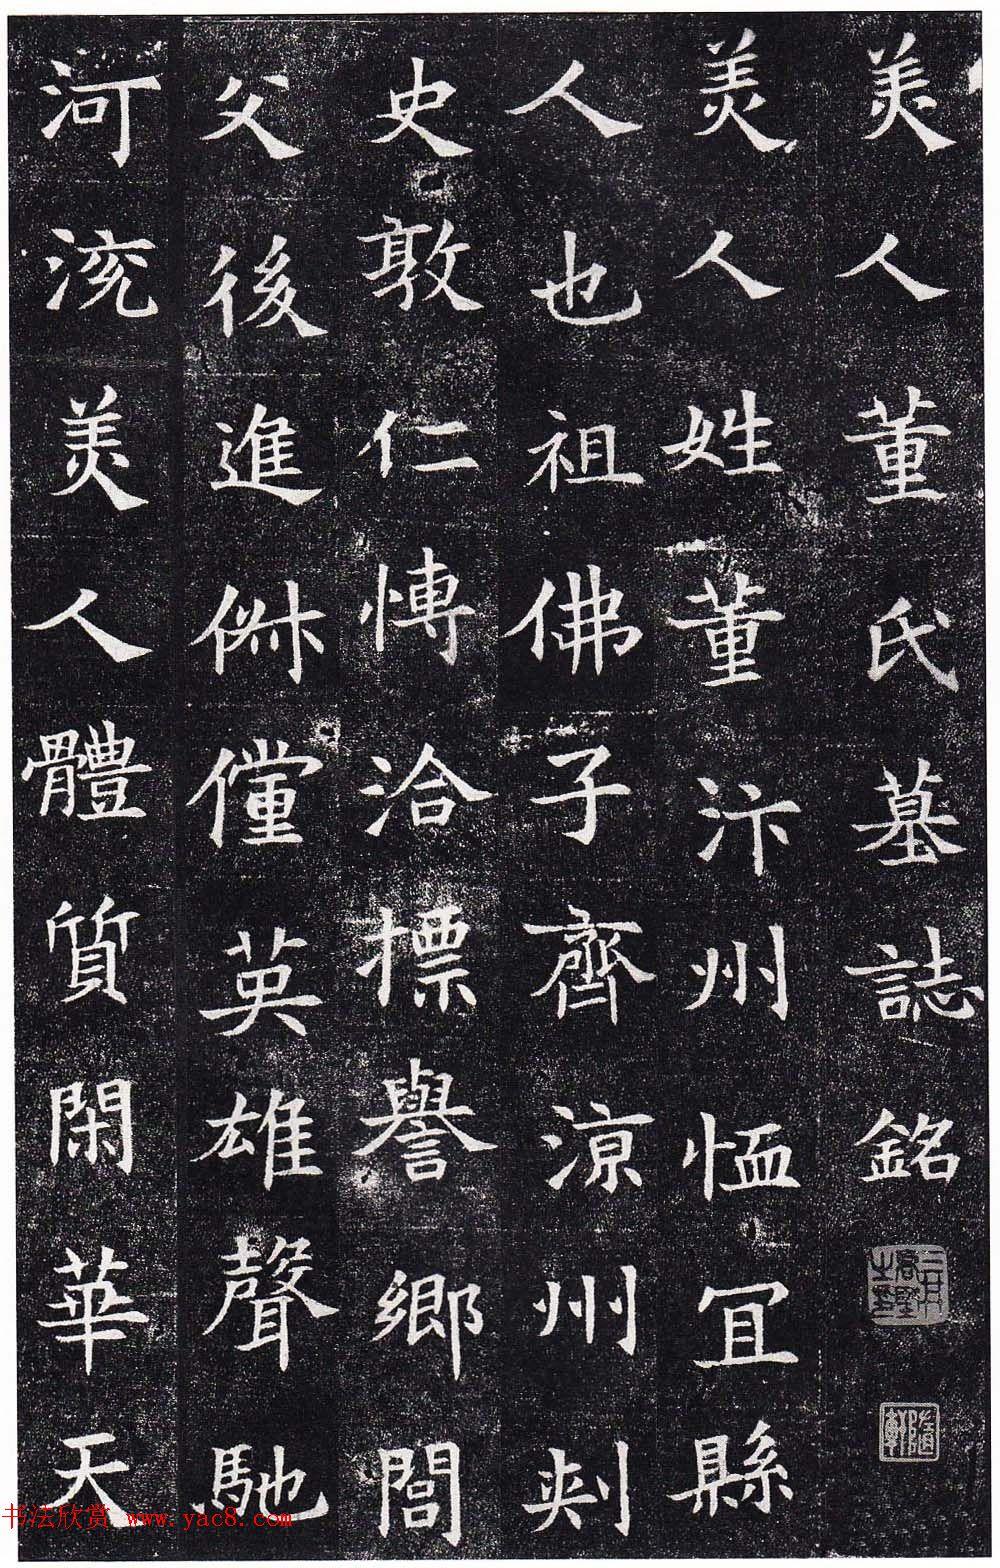 碑刻书法精品《董美人墓志铭》日本二玄社高清版